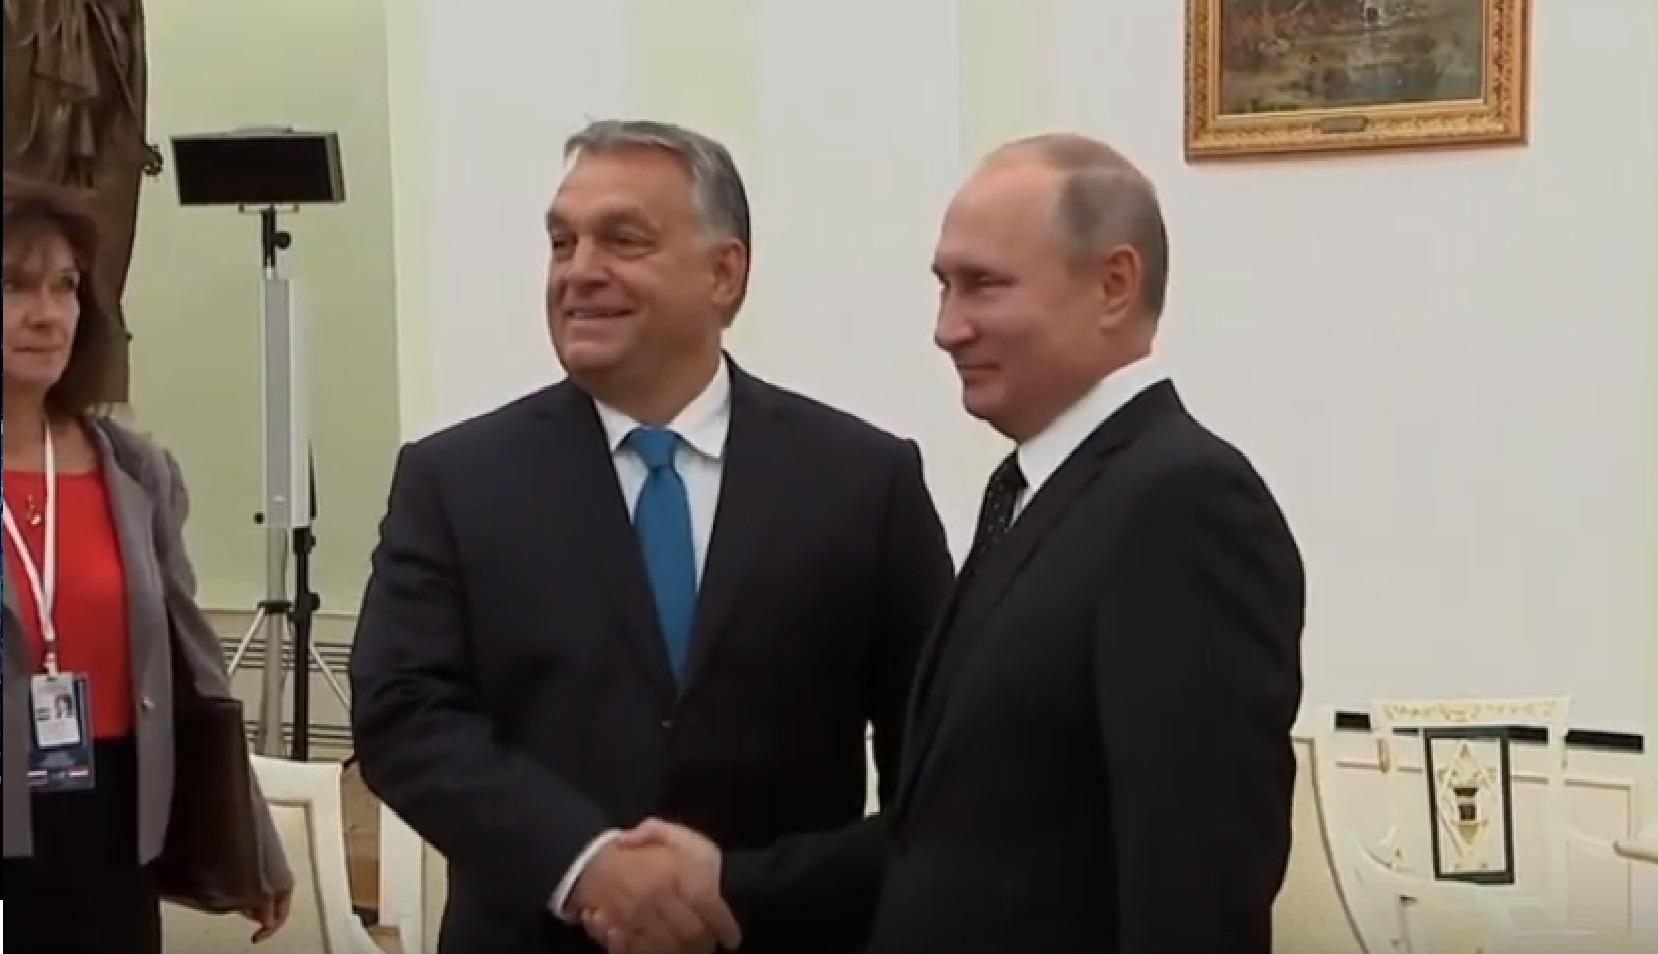 youtube/ Euronews